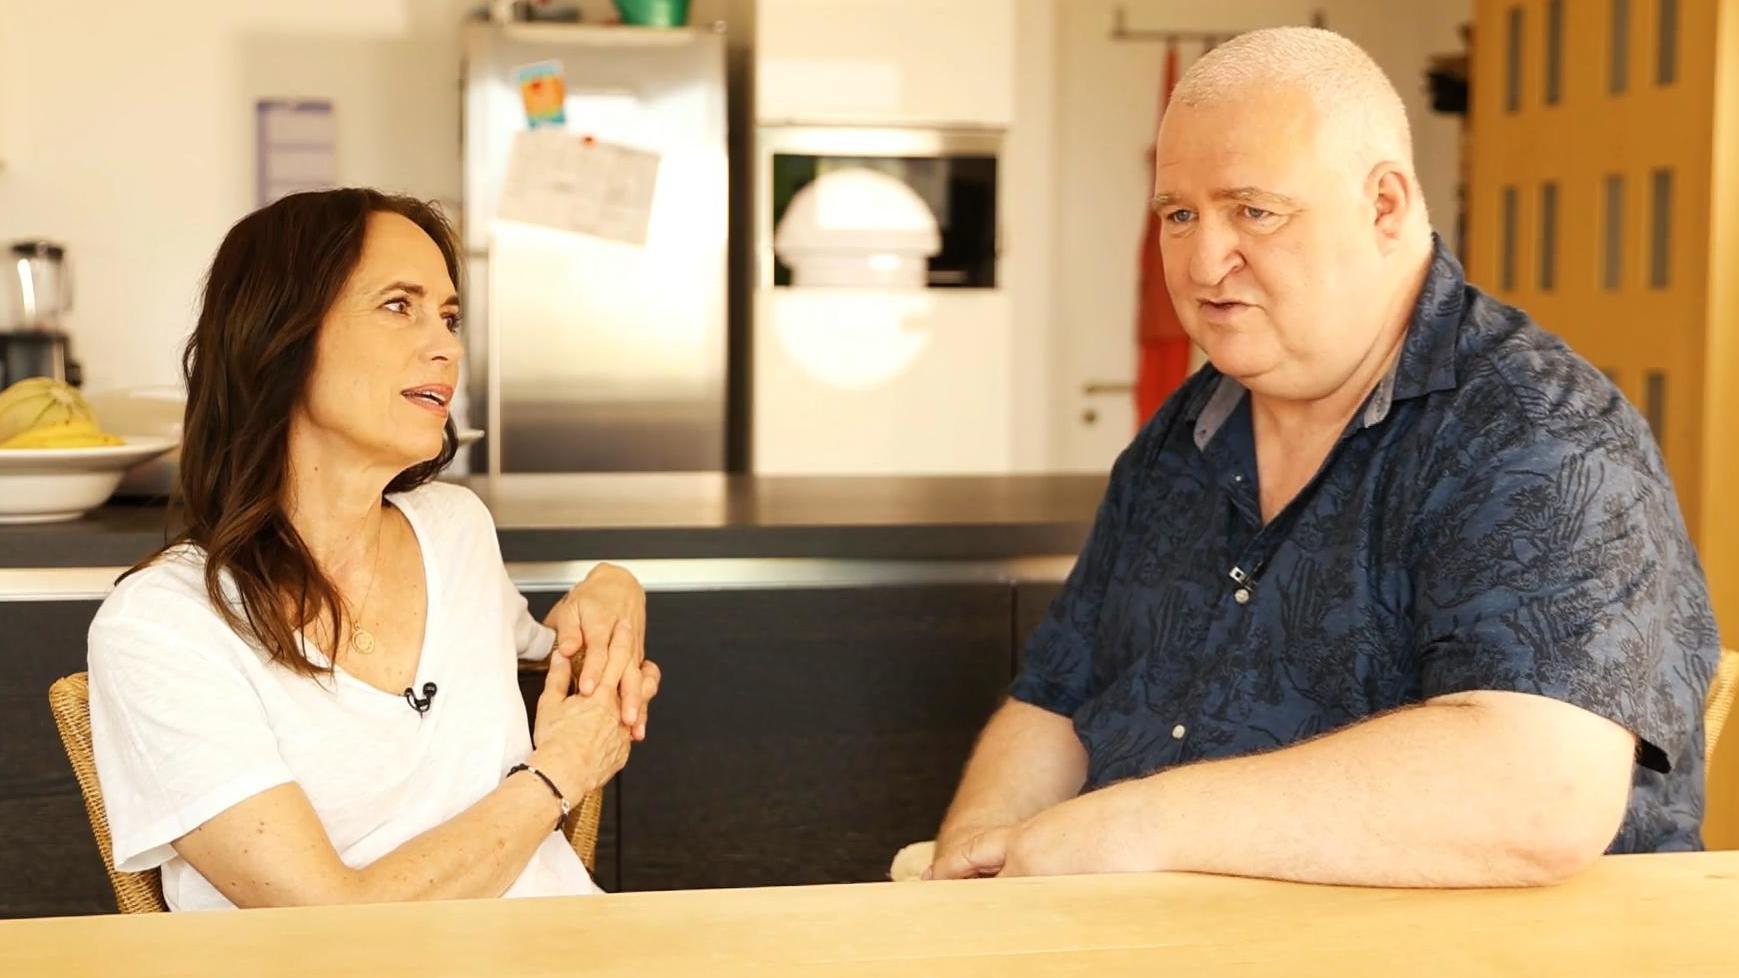 Markus Maria Profitlich über Parkinson-Erkrankung: Starke Belastung für seine Ehe